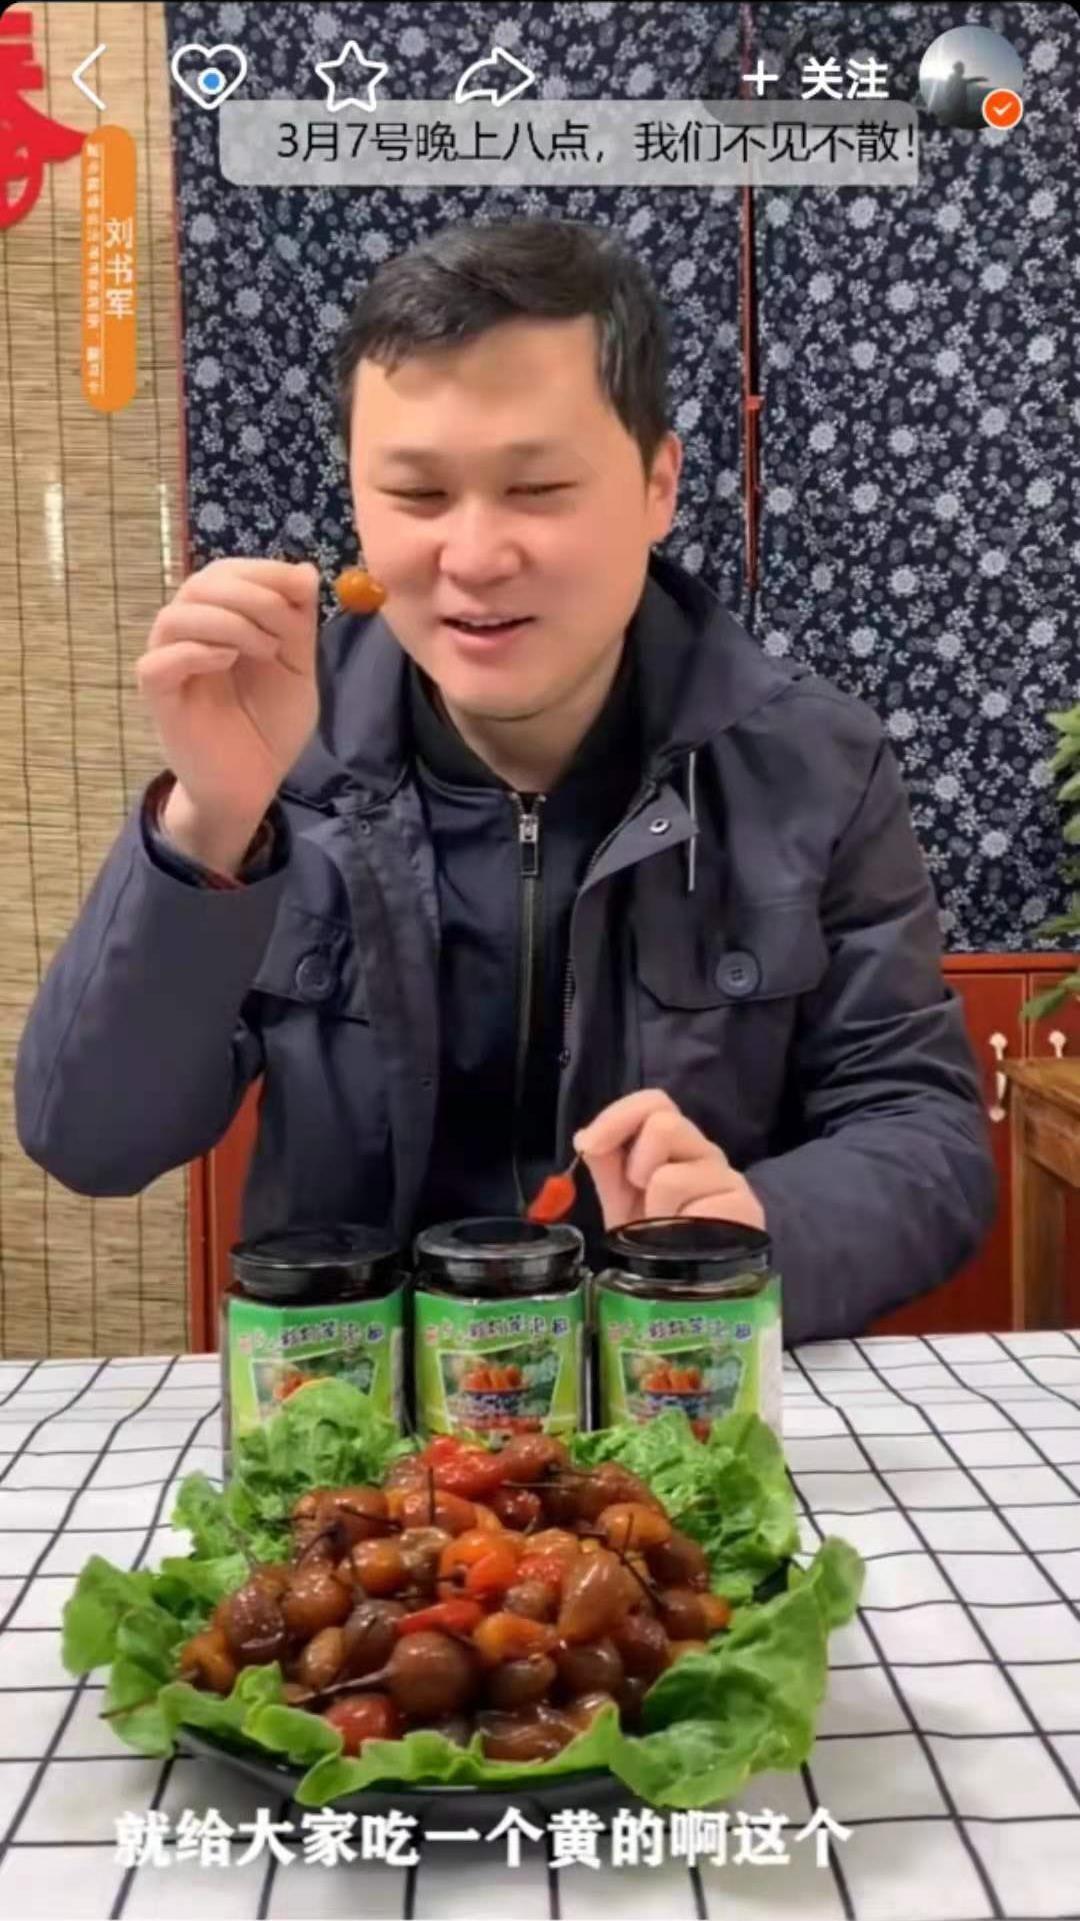 刘书军吃播推荐当地泡椒 快手截图